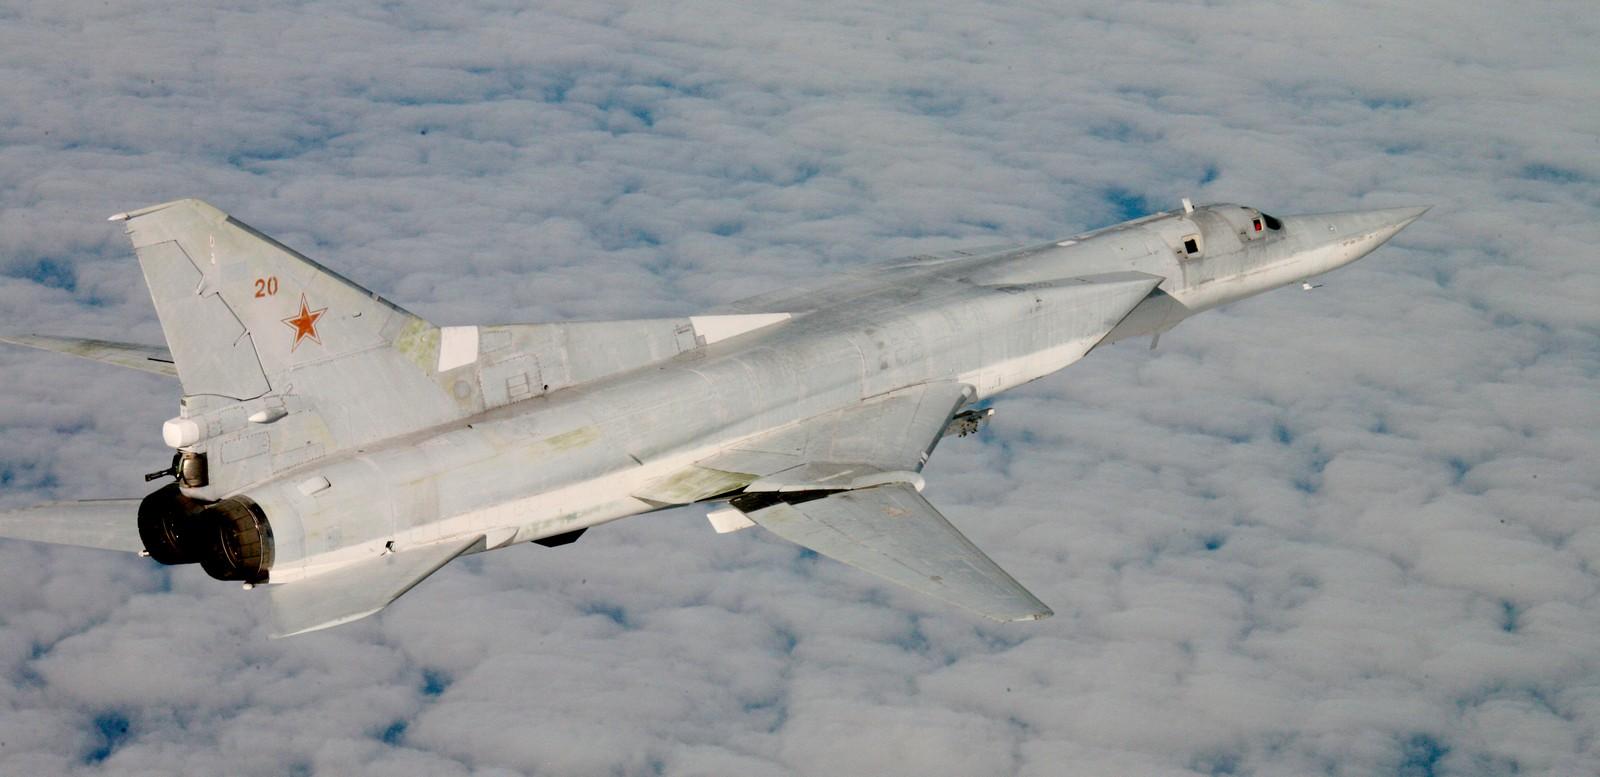 Tupolev Tu-22M (NATO-kallenavn: Backfire) er et strategisk overlydsbombefly utviklet av Tupolev i Sovjetunionen under den kalde krigen.